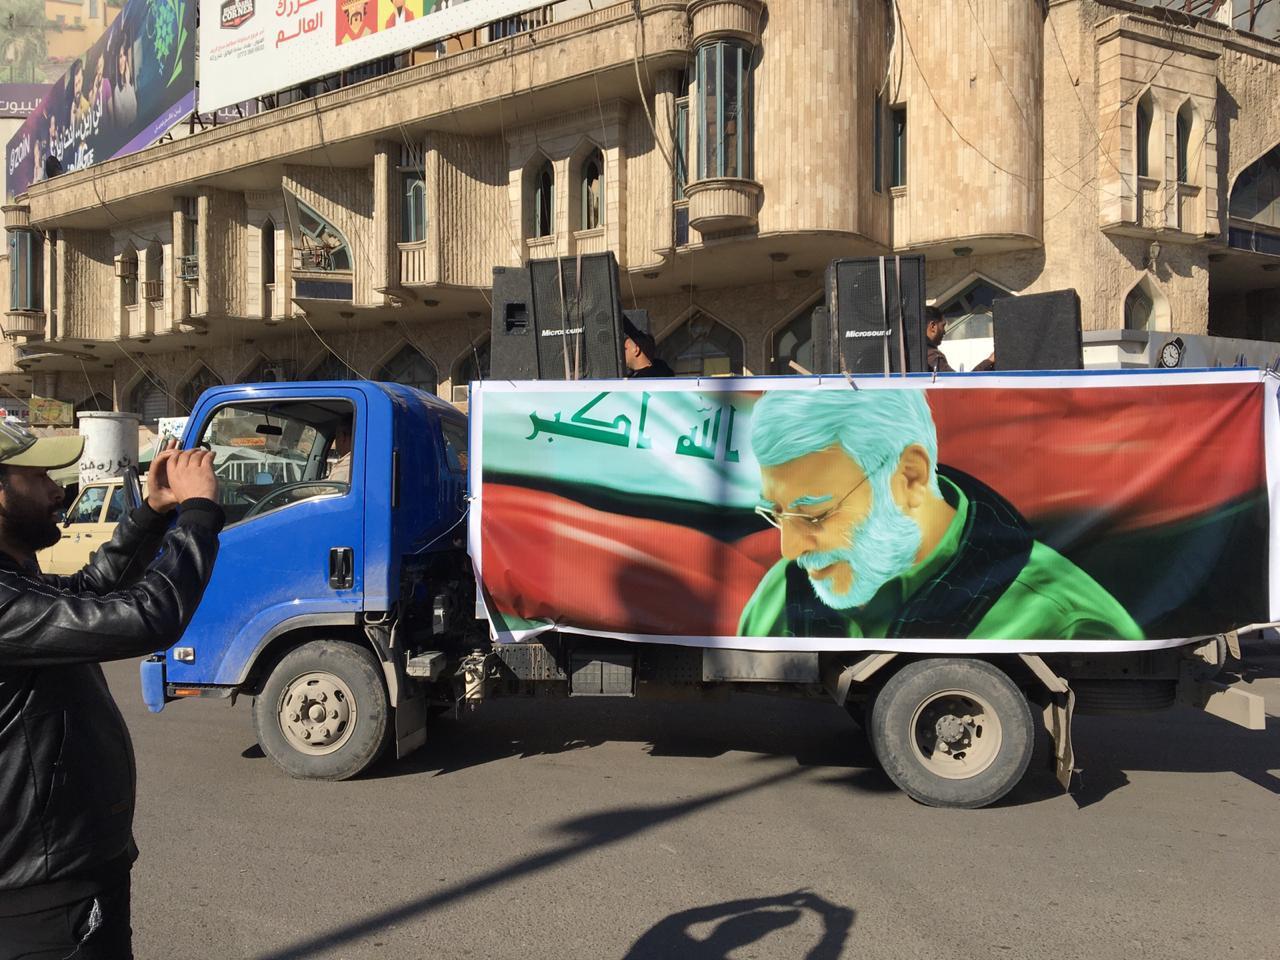 صور .. الحشد الشعبي ينظم مسيرة منددة بإغتيال سليماني والمهندس وسط بغداد